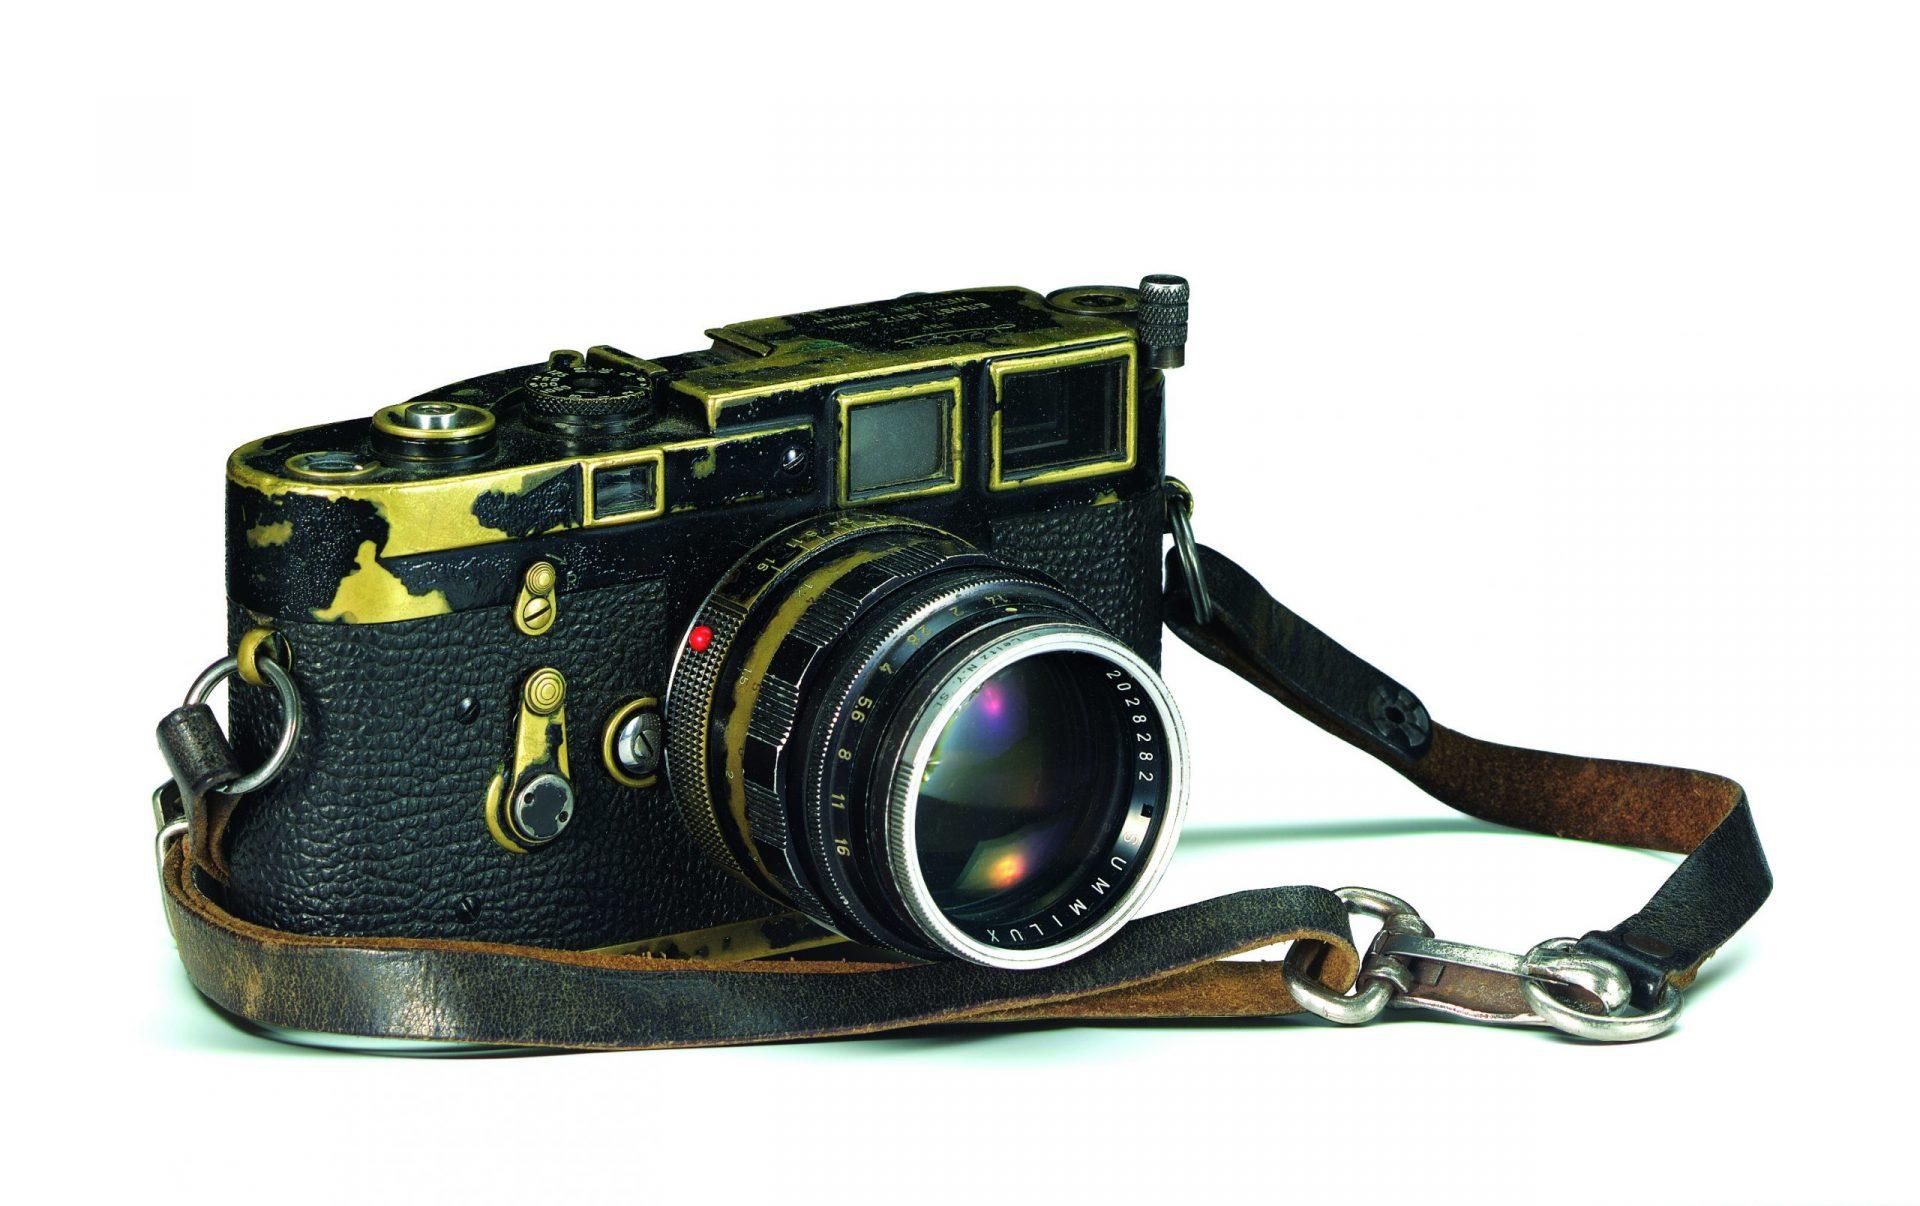 M10-R schwarz lackiert